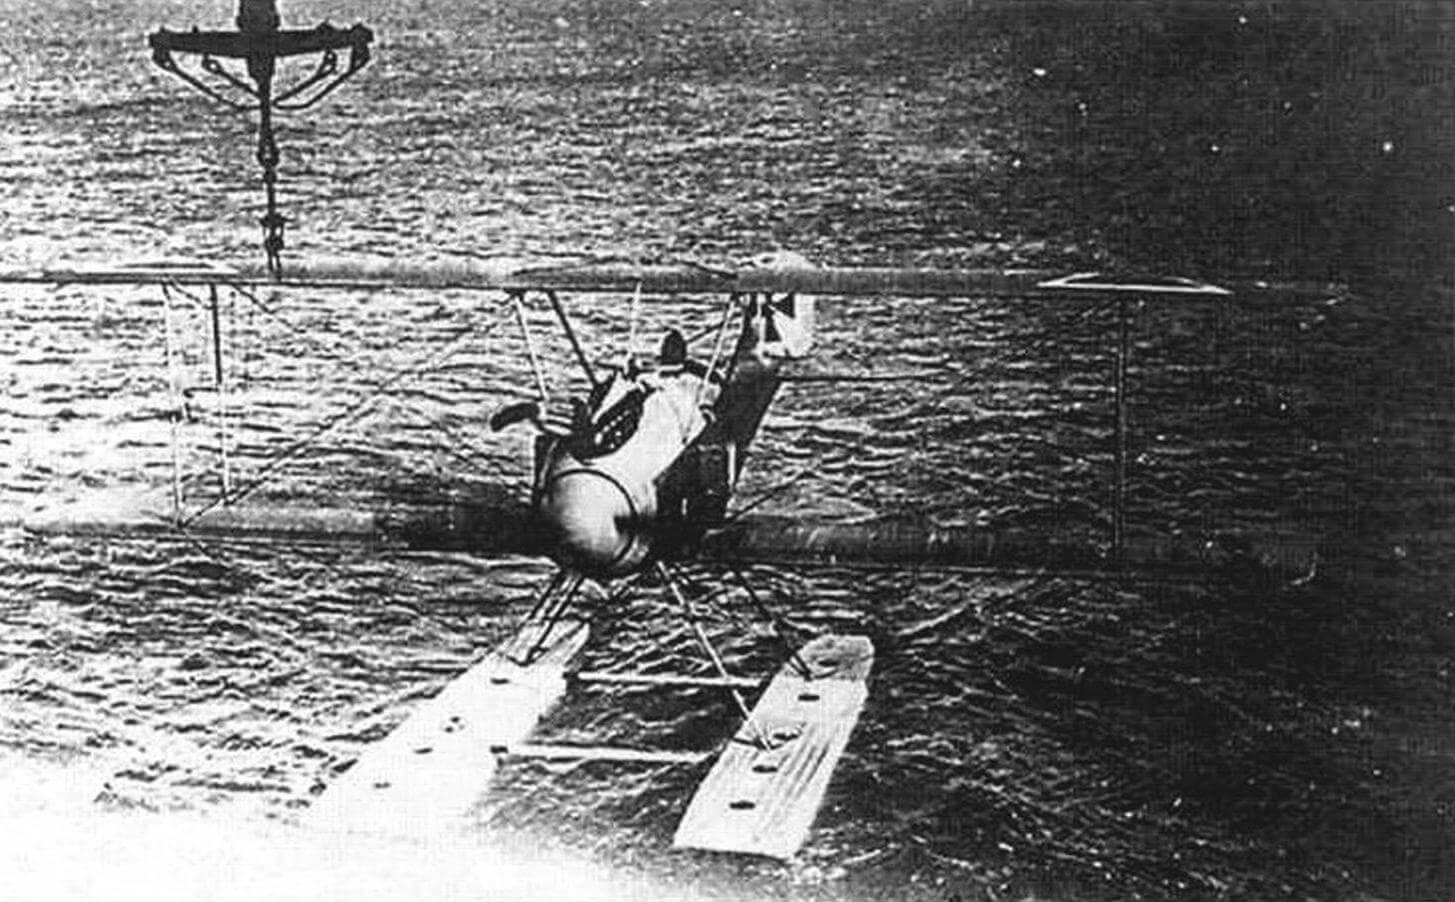 «Альбатрос» W.4 первой серии подходит под кран для подъема на берег, Боркум, 1917 г.